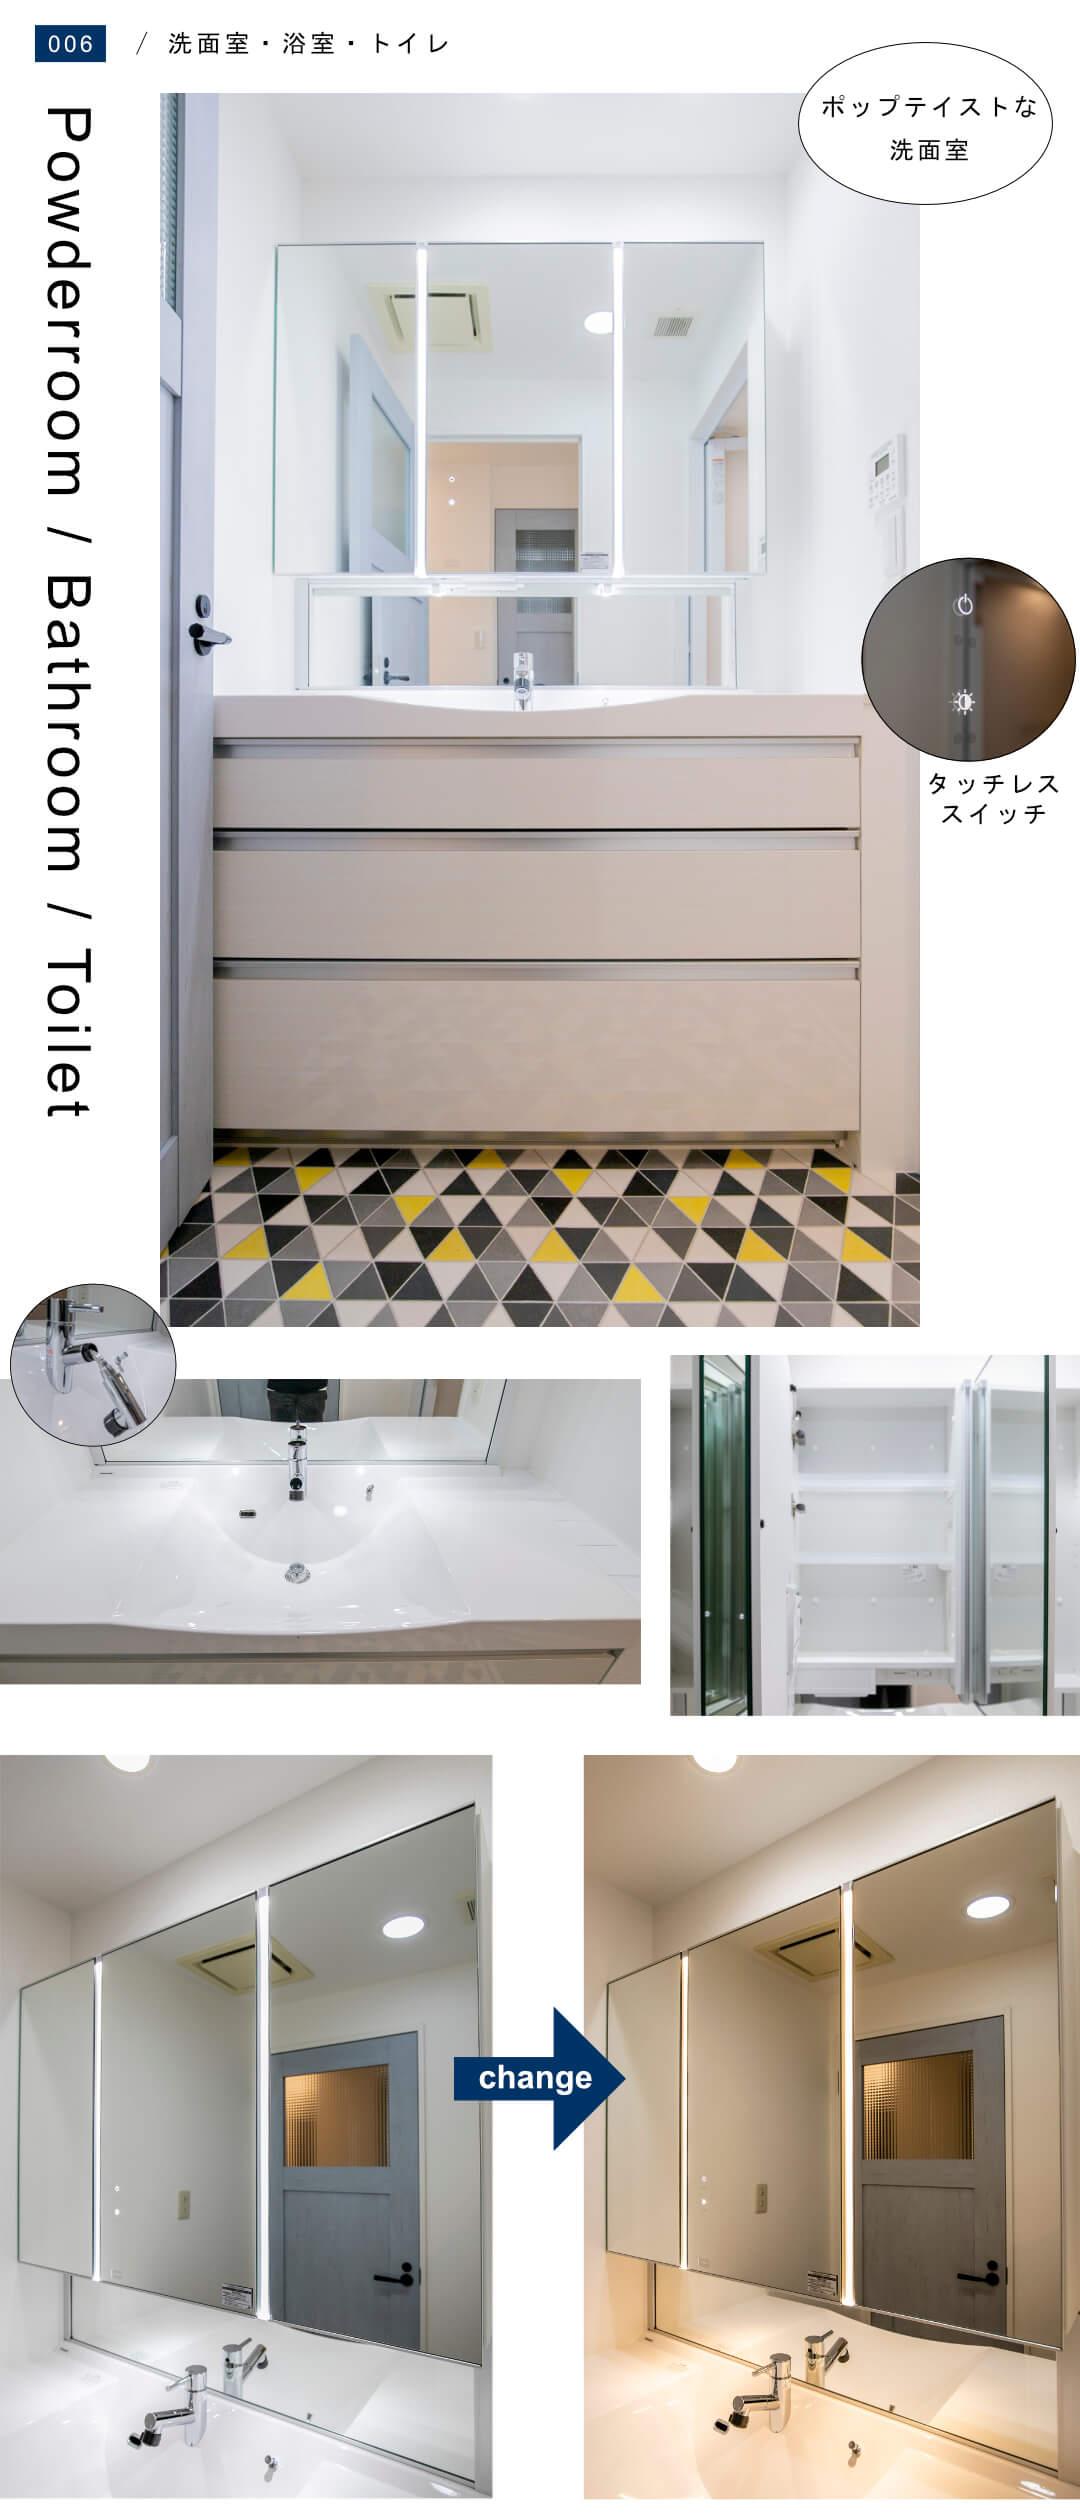 小田急コアロード広尾201の洗面室